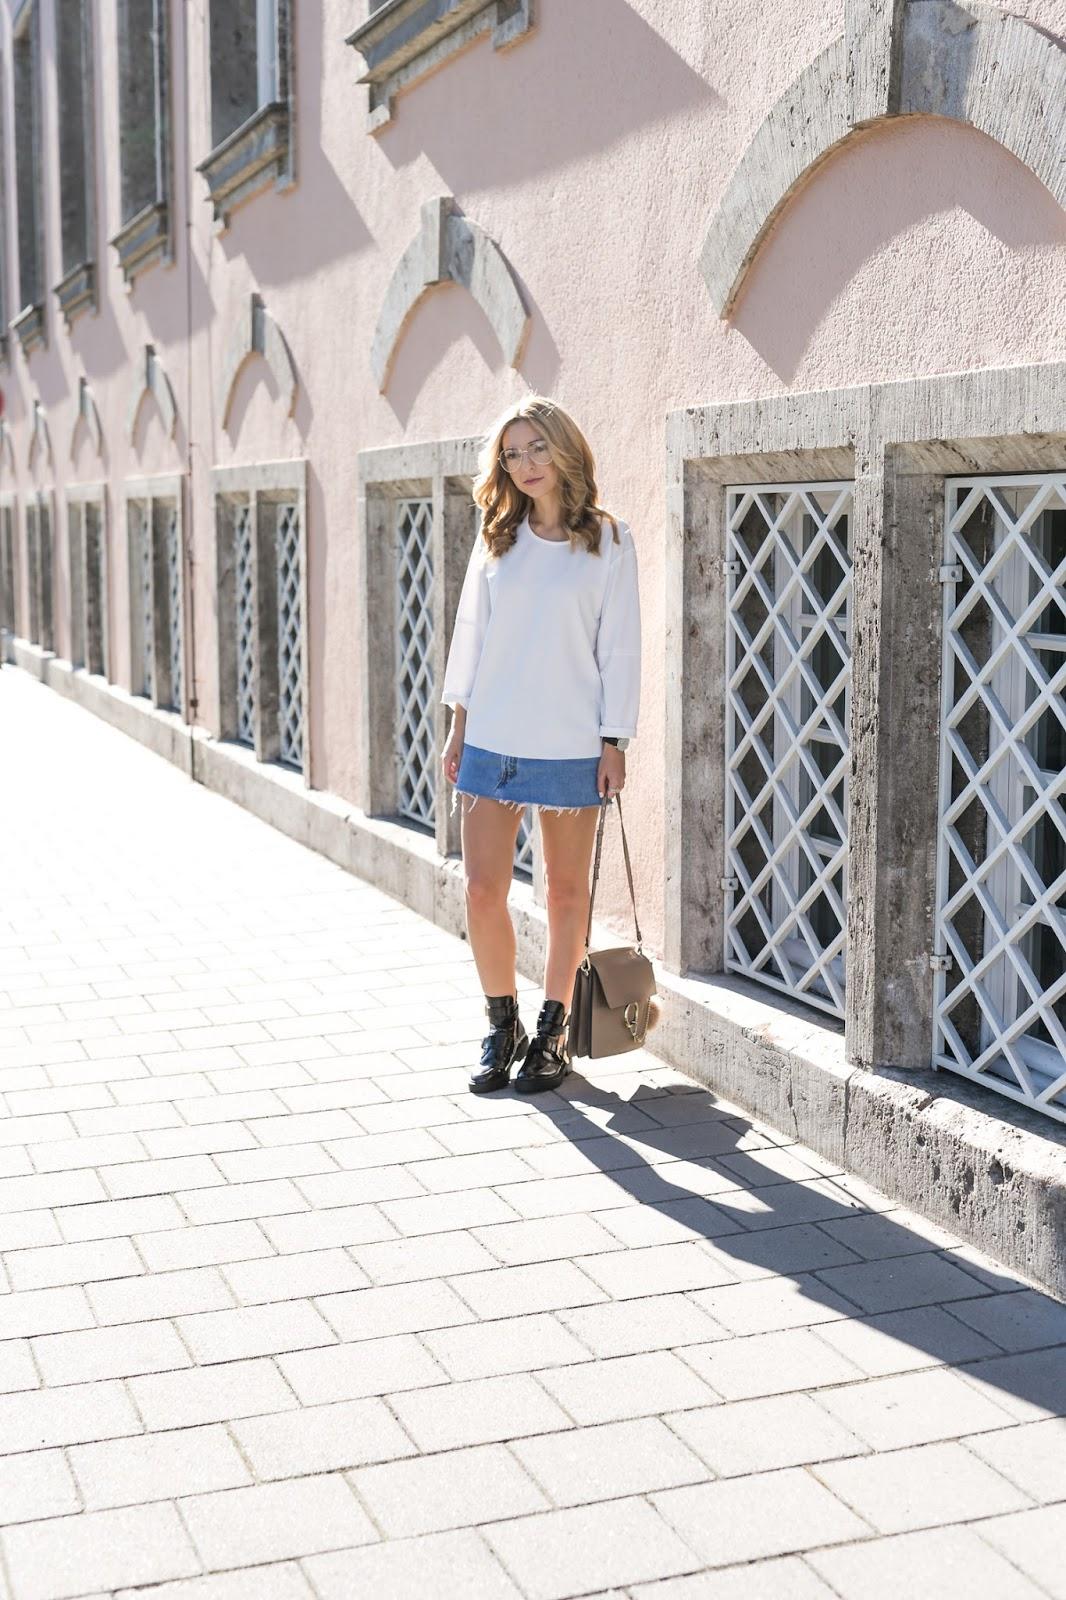 Balenciaga Ceinture Look Alike Boots